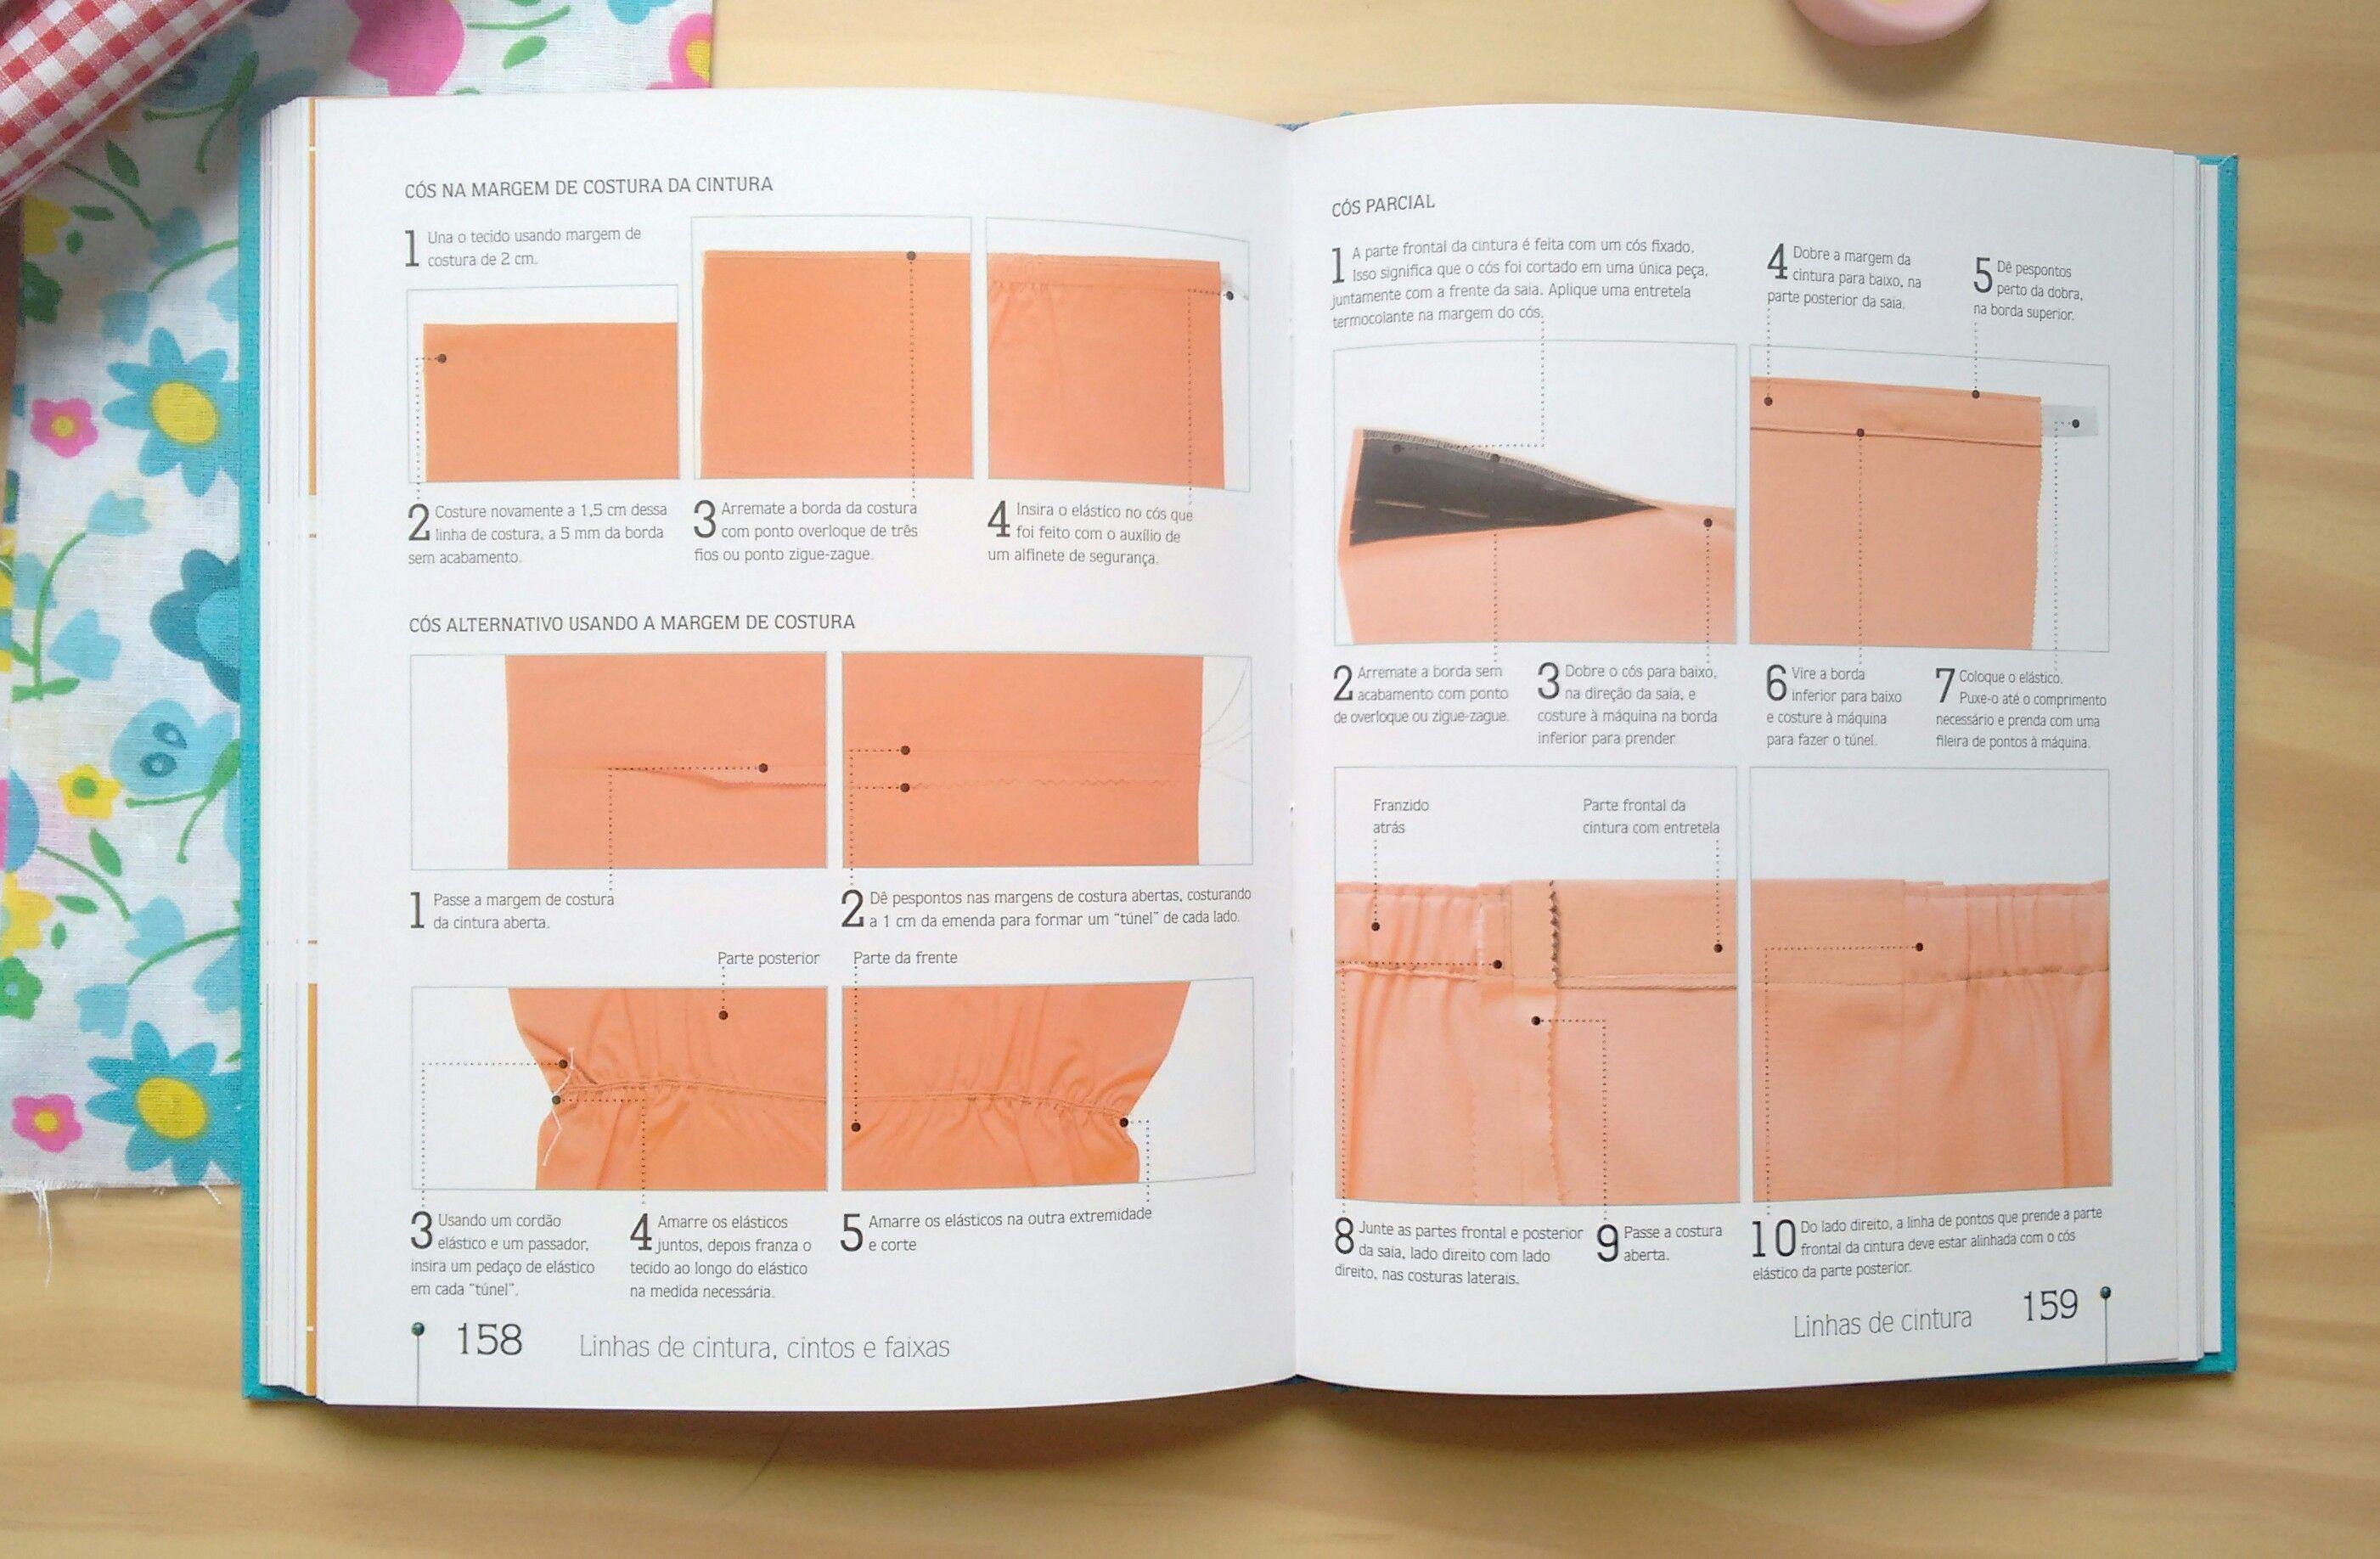 Livro: Costura Passo a Passo – Mais de 200 técnicas essenciais para iniciantes | Coruja Pop